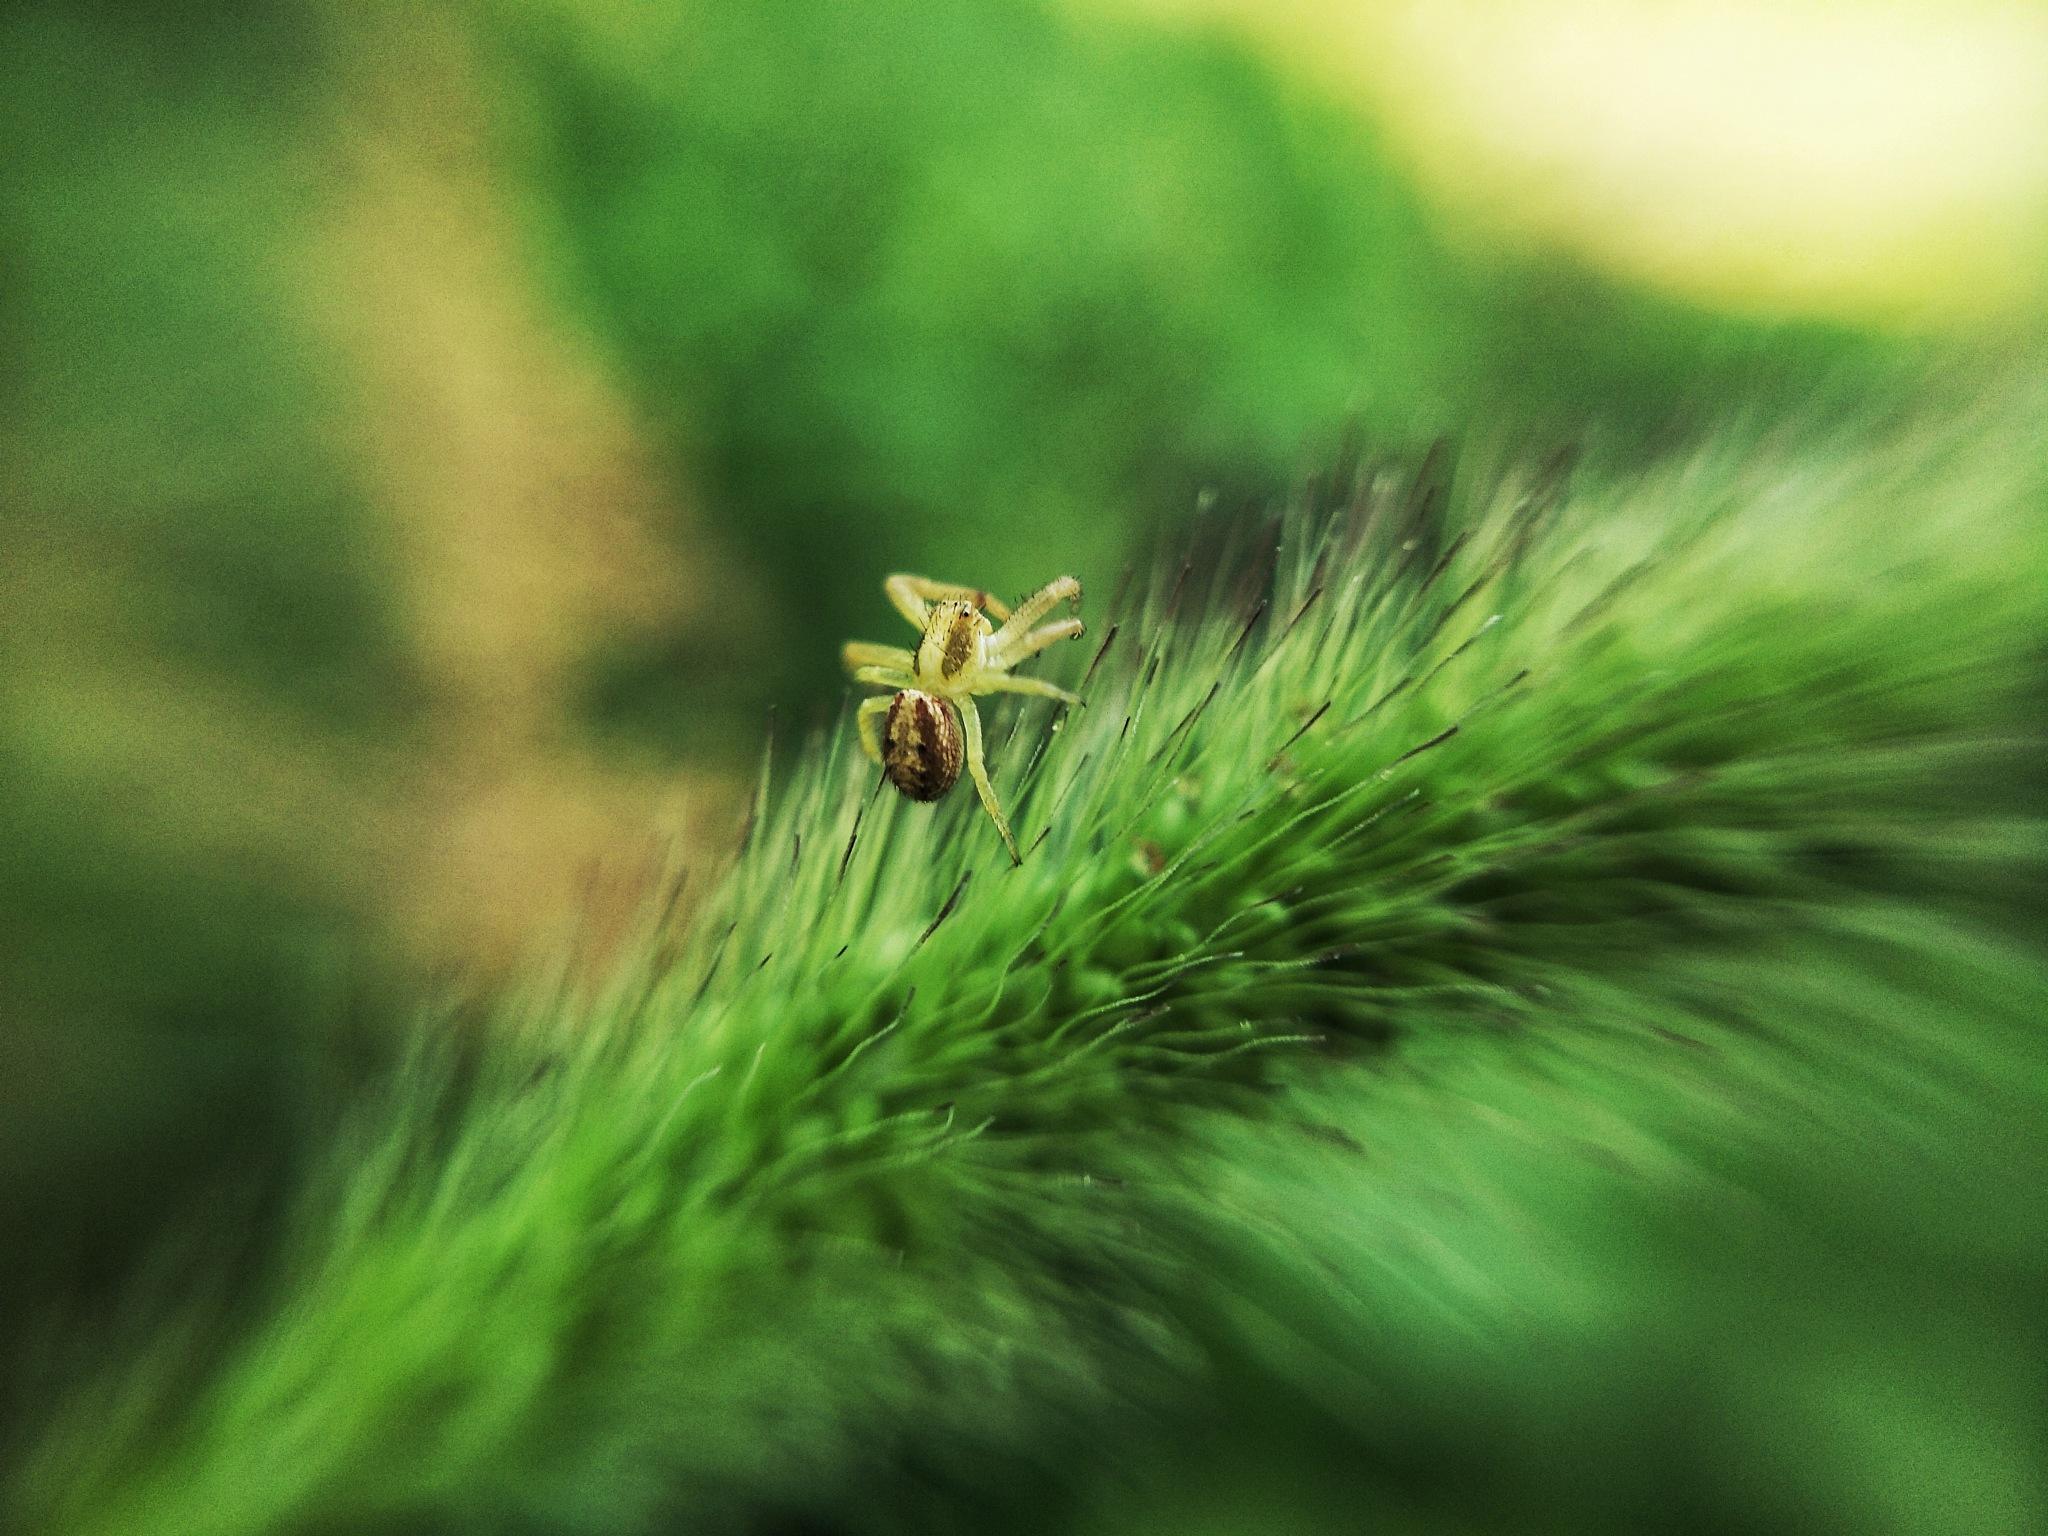 Little spider by Aziz Turdiev